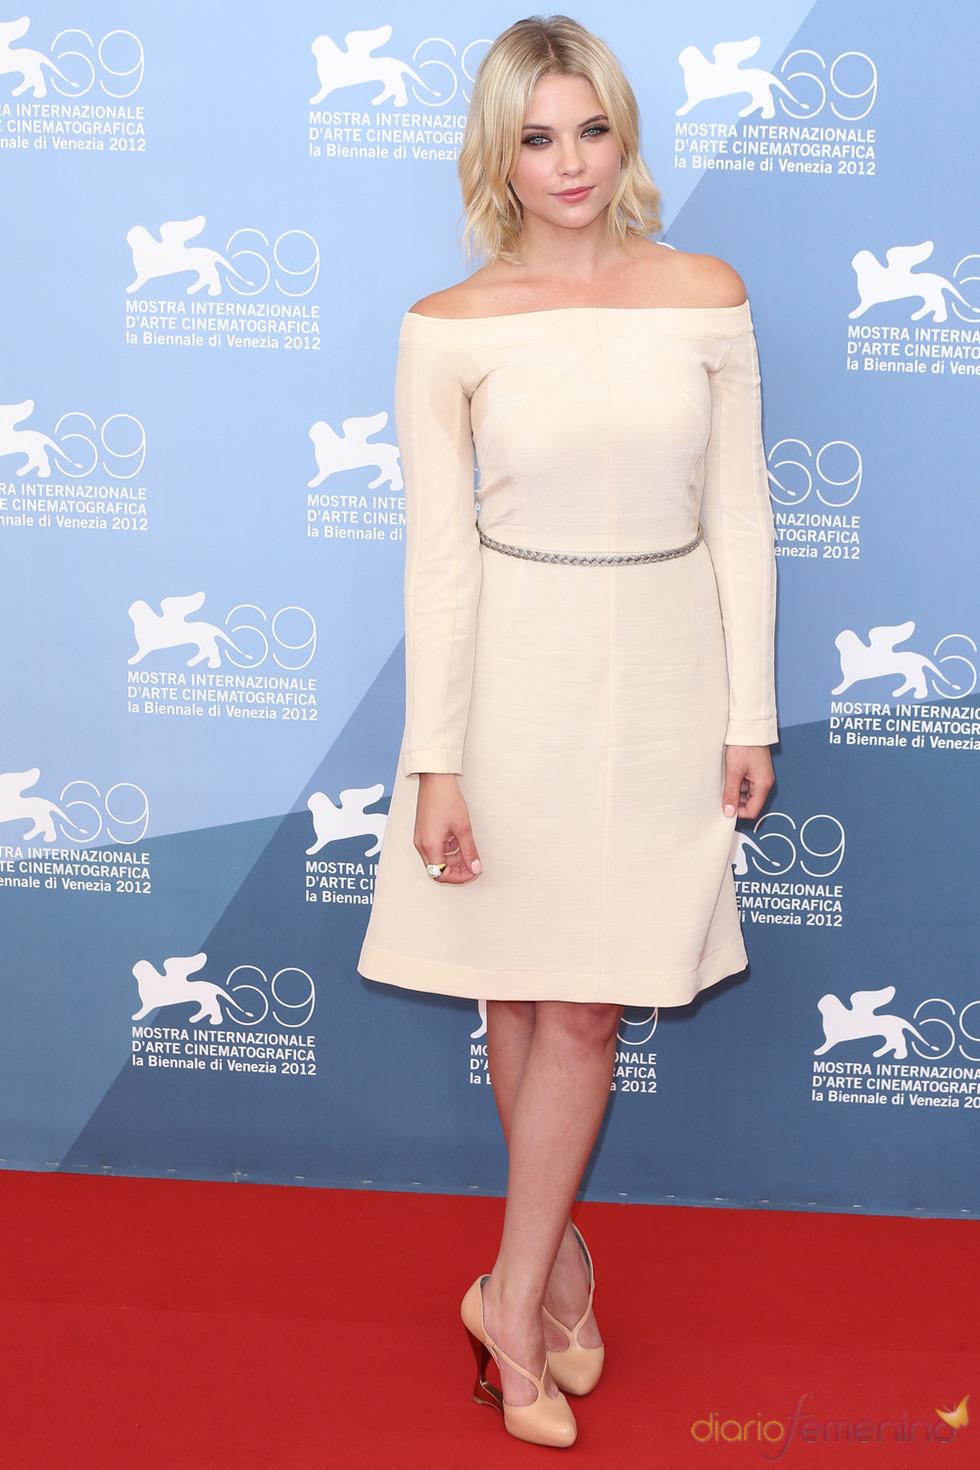 Ashley Benson, protagonista de Spring Breakers posa durante la presentación en Venecia